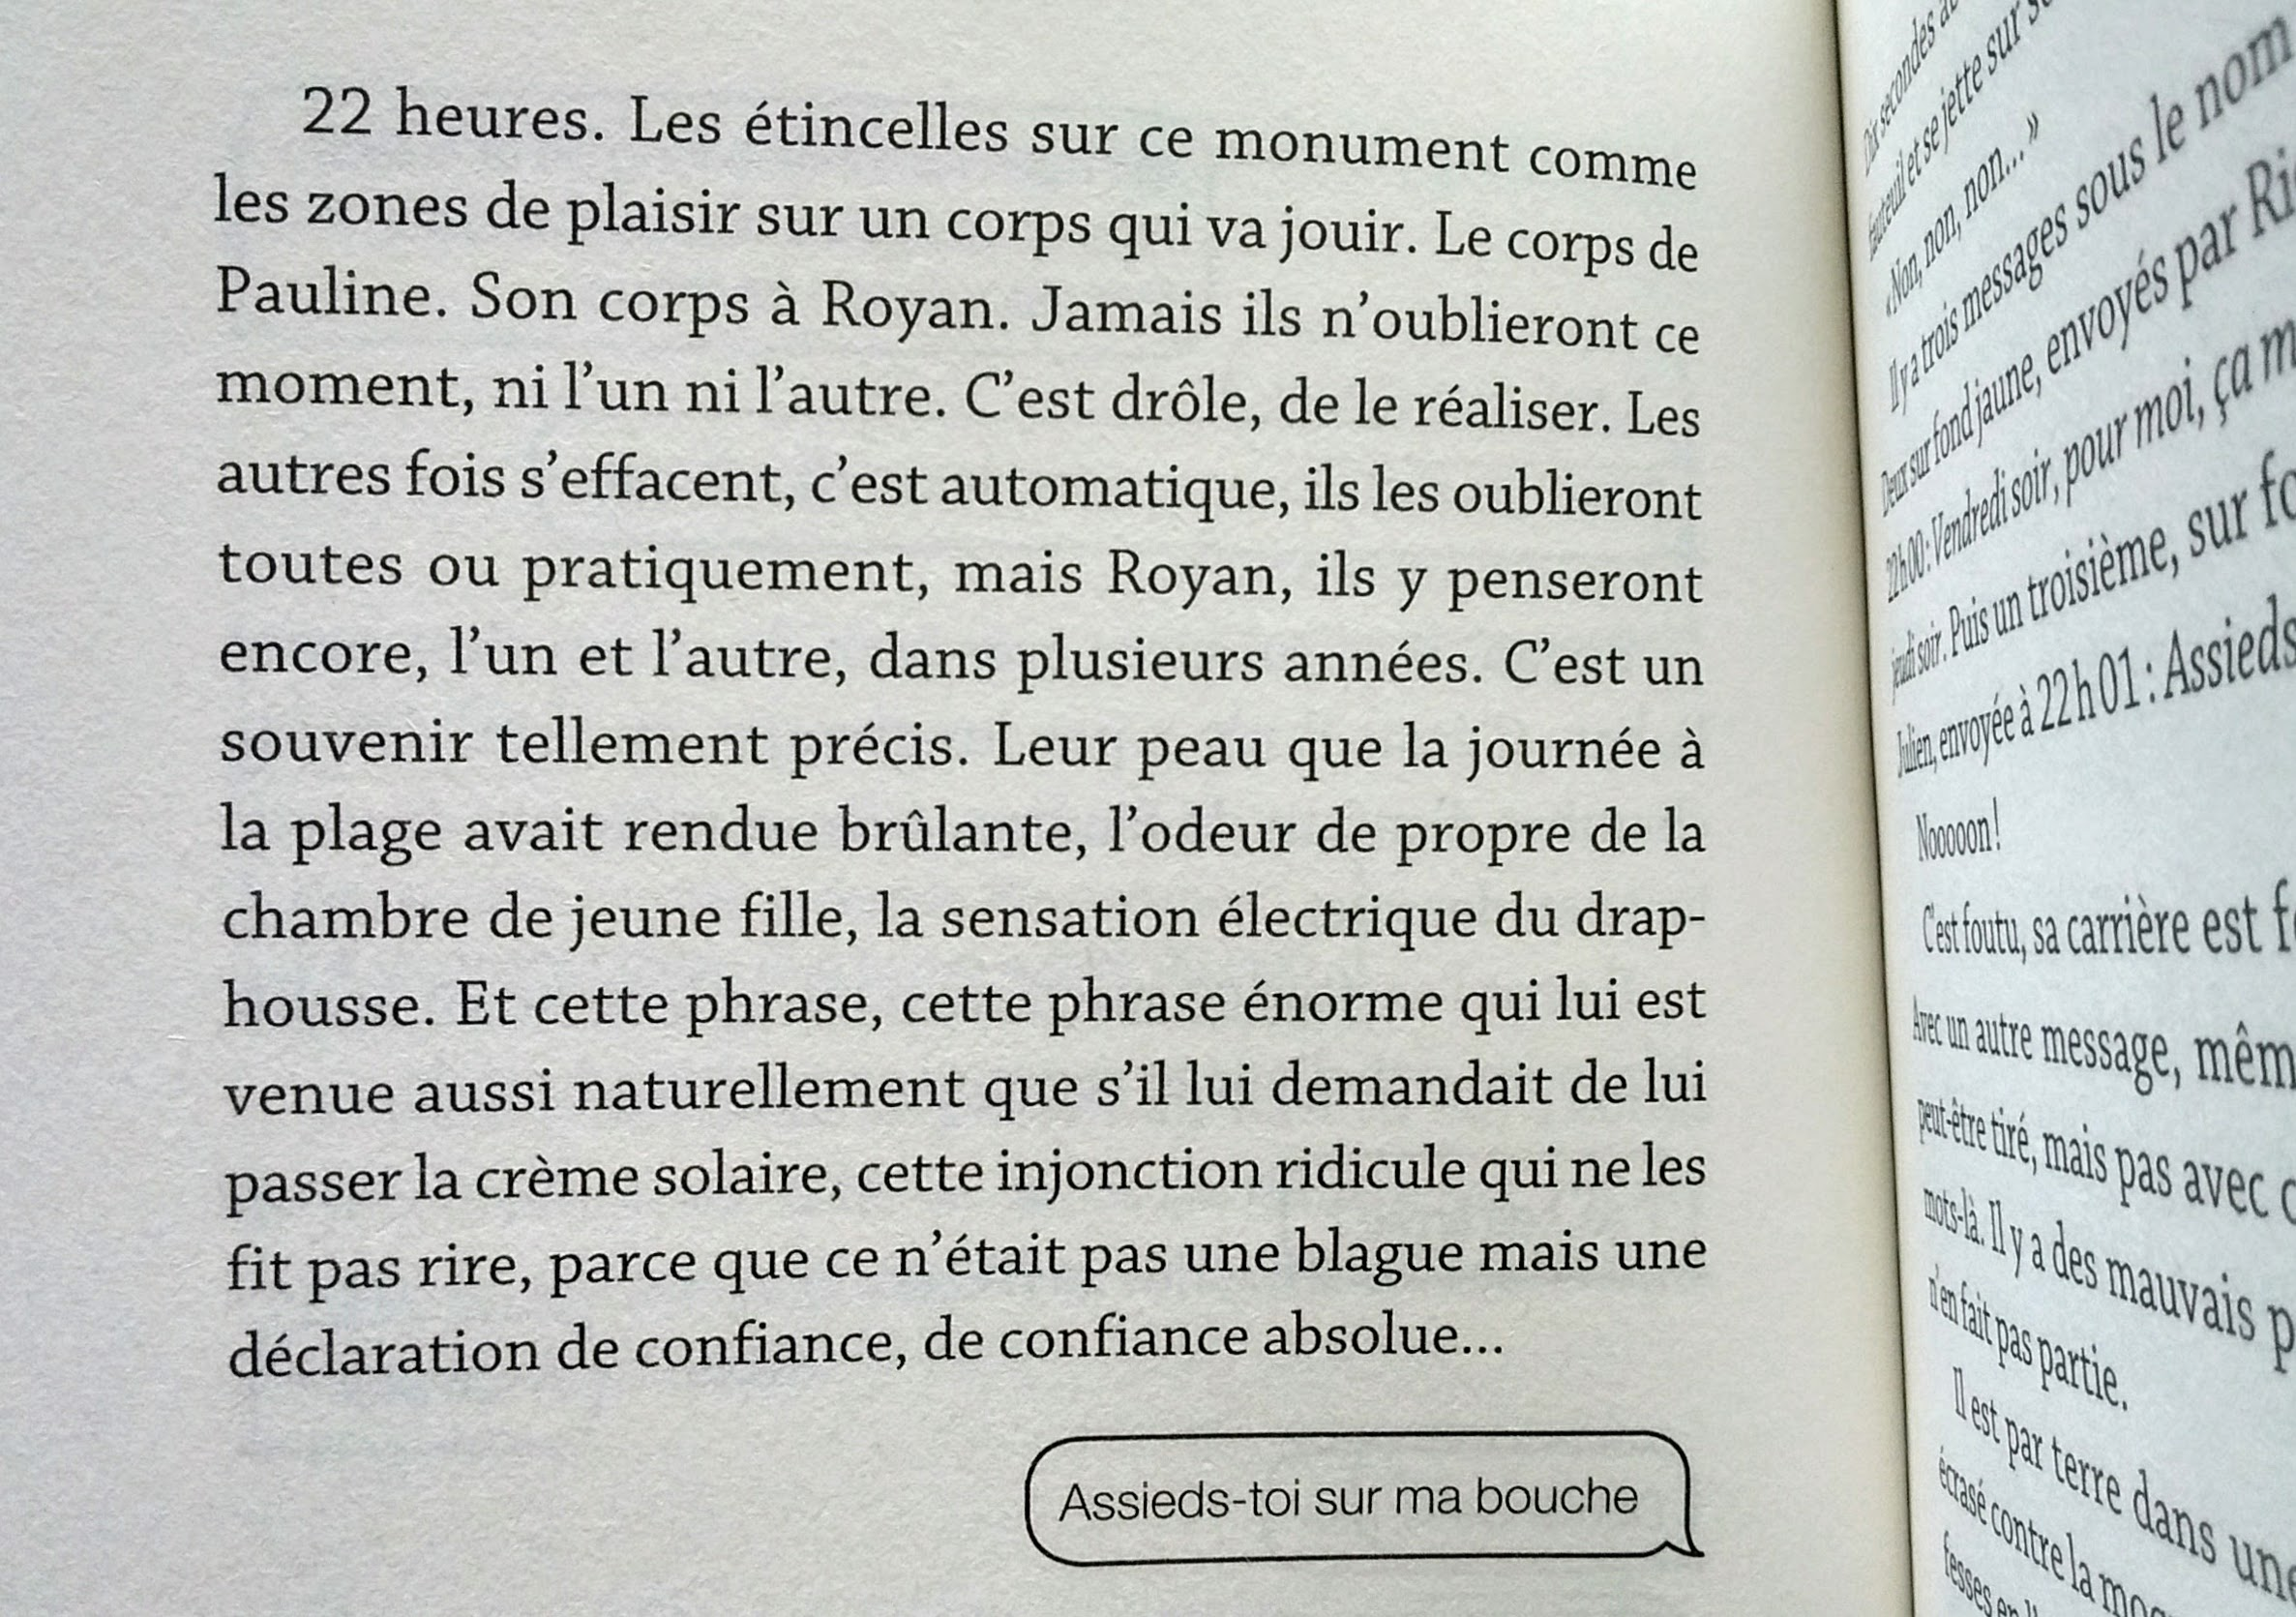 Amuse-bouche de Stéphane Carlier